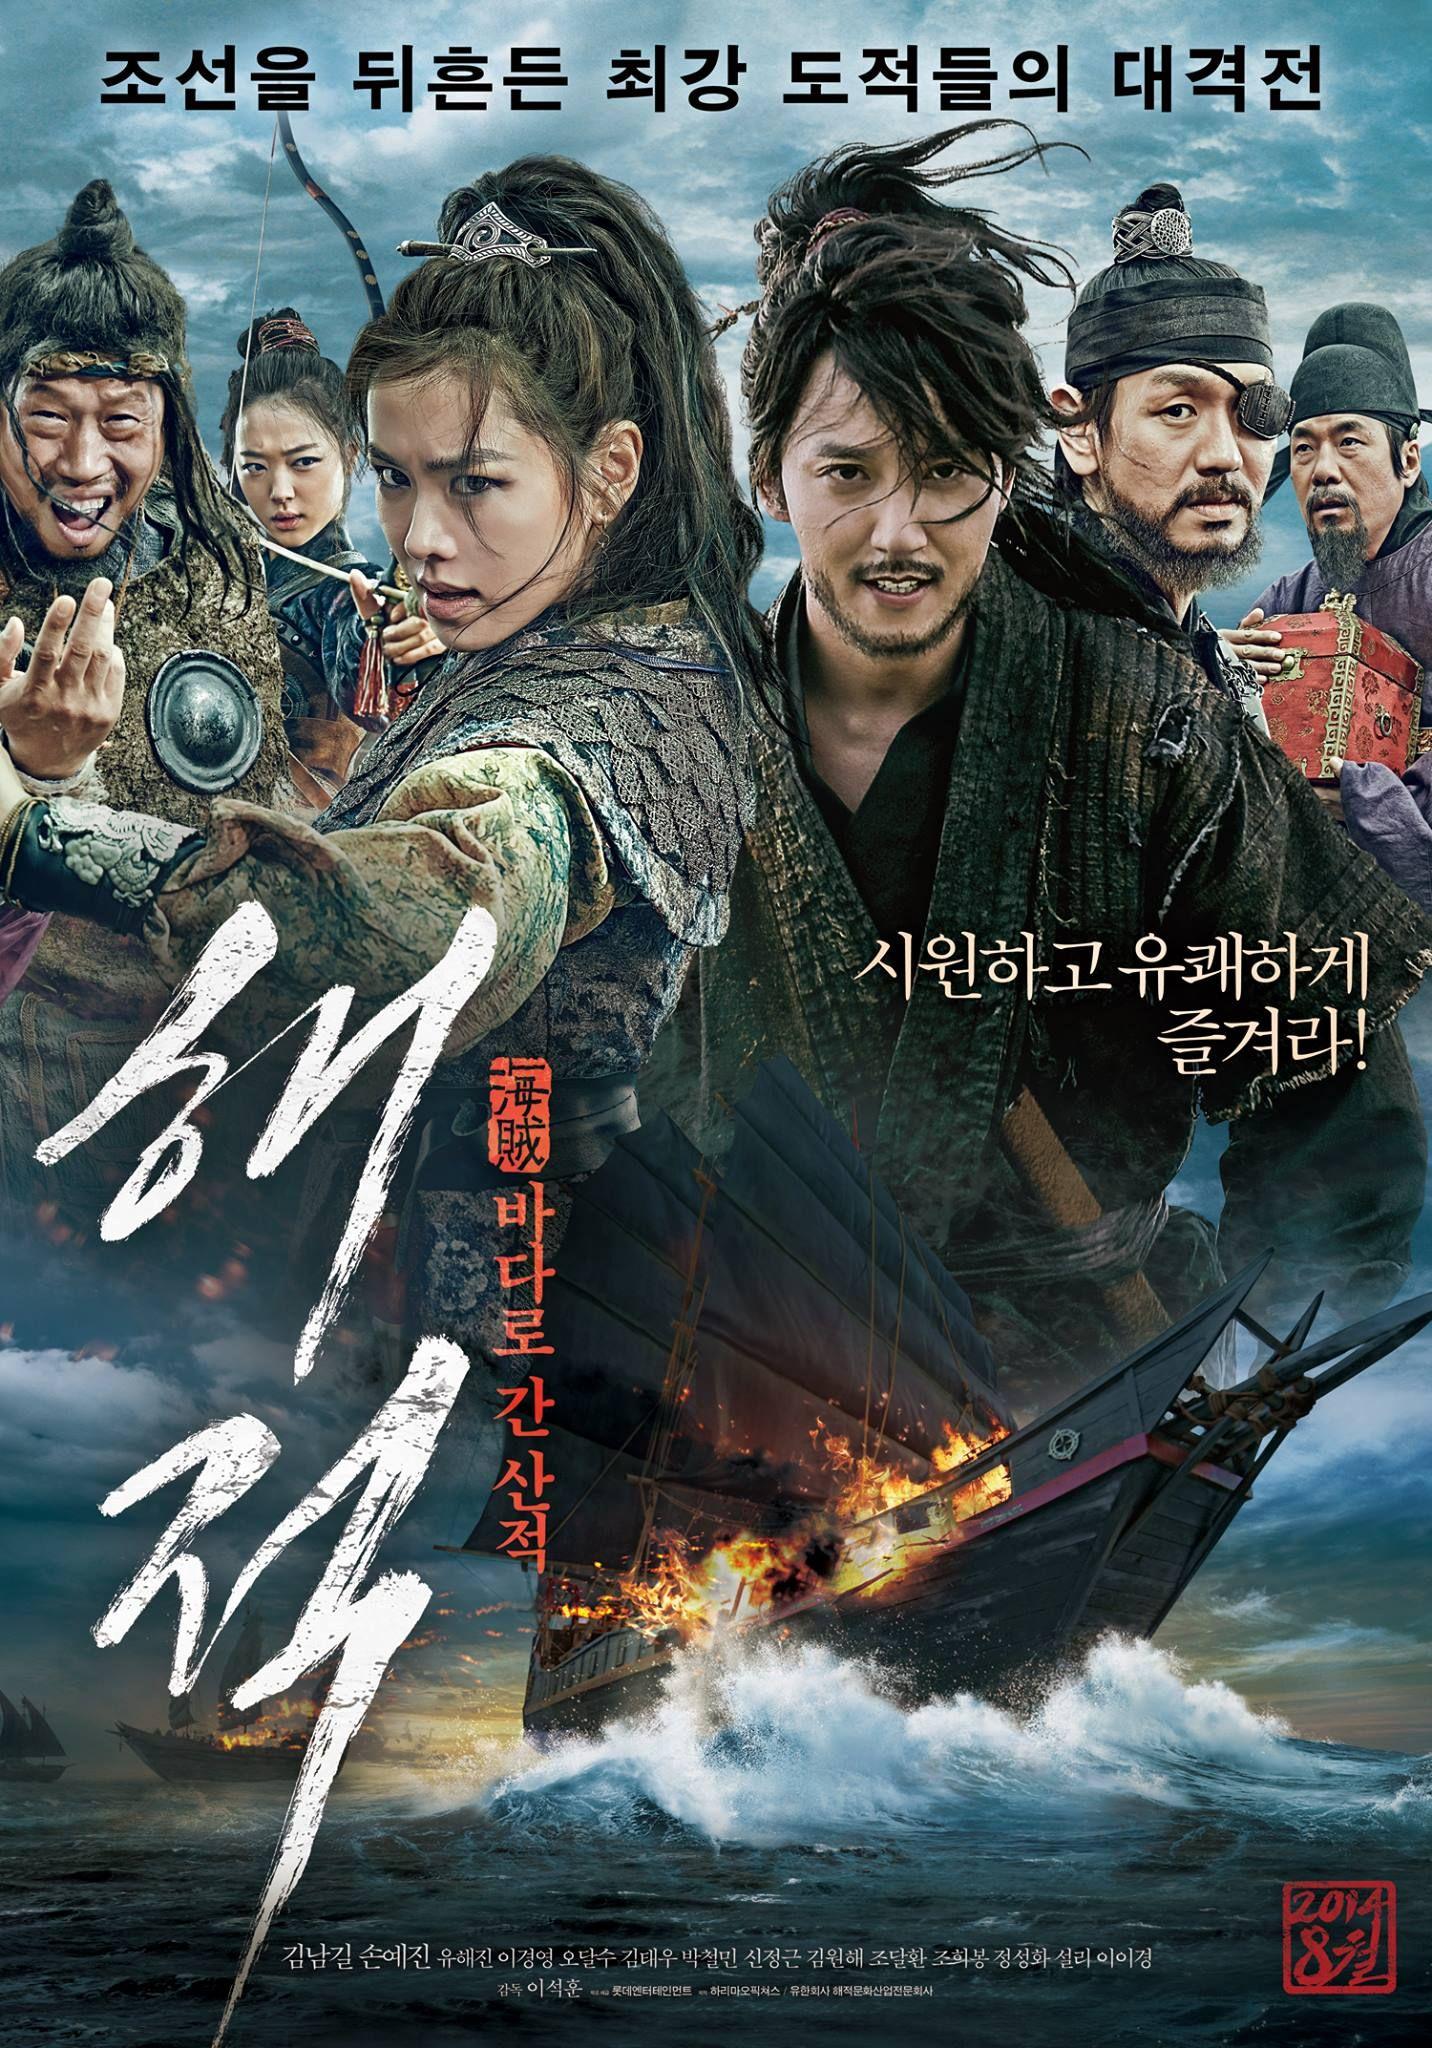 Pirates (2014) Movie Review Pirate movies, Movies 2014